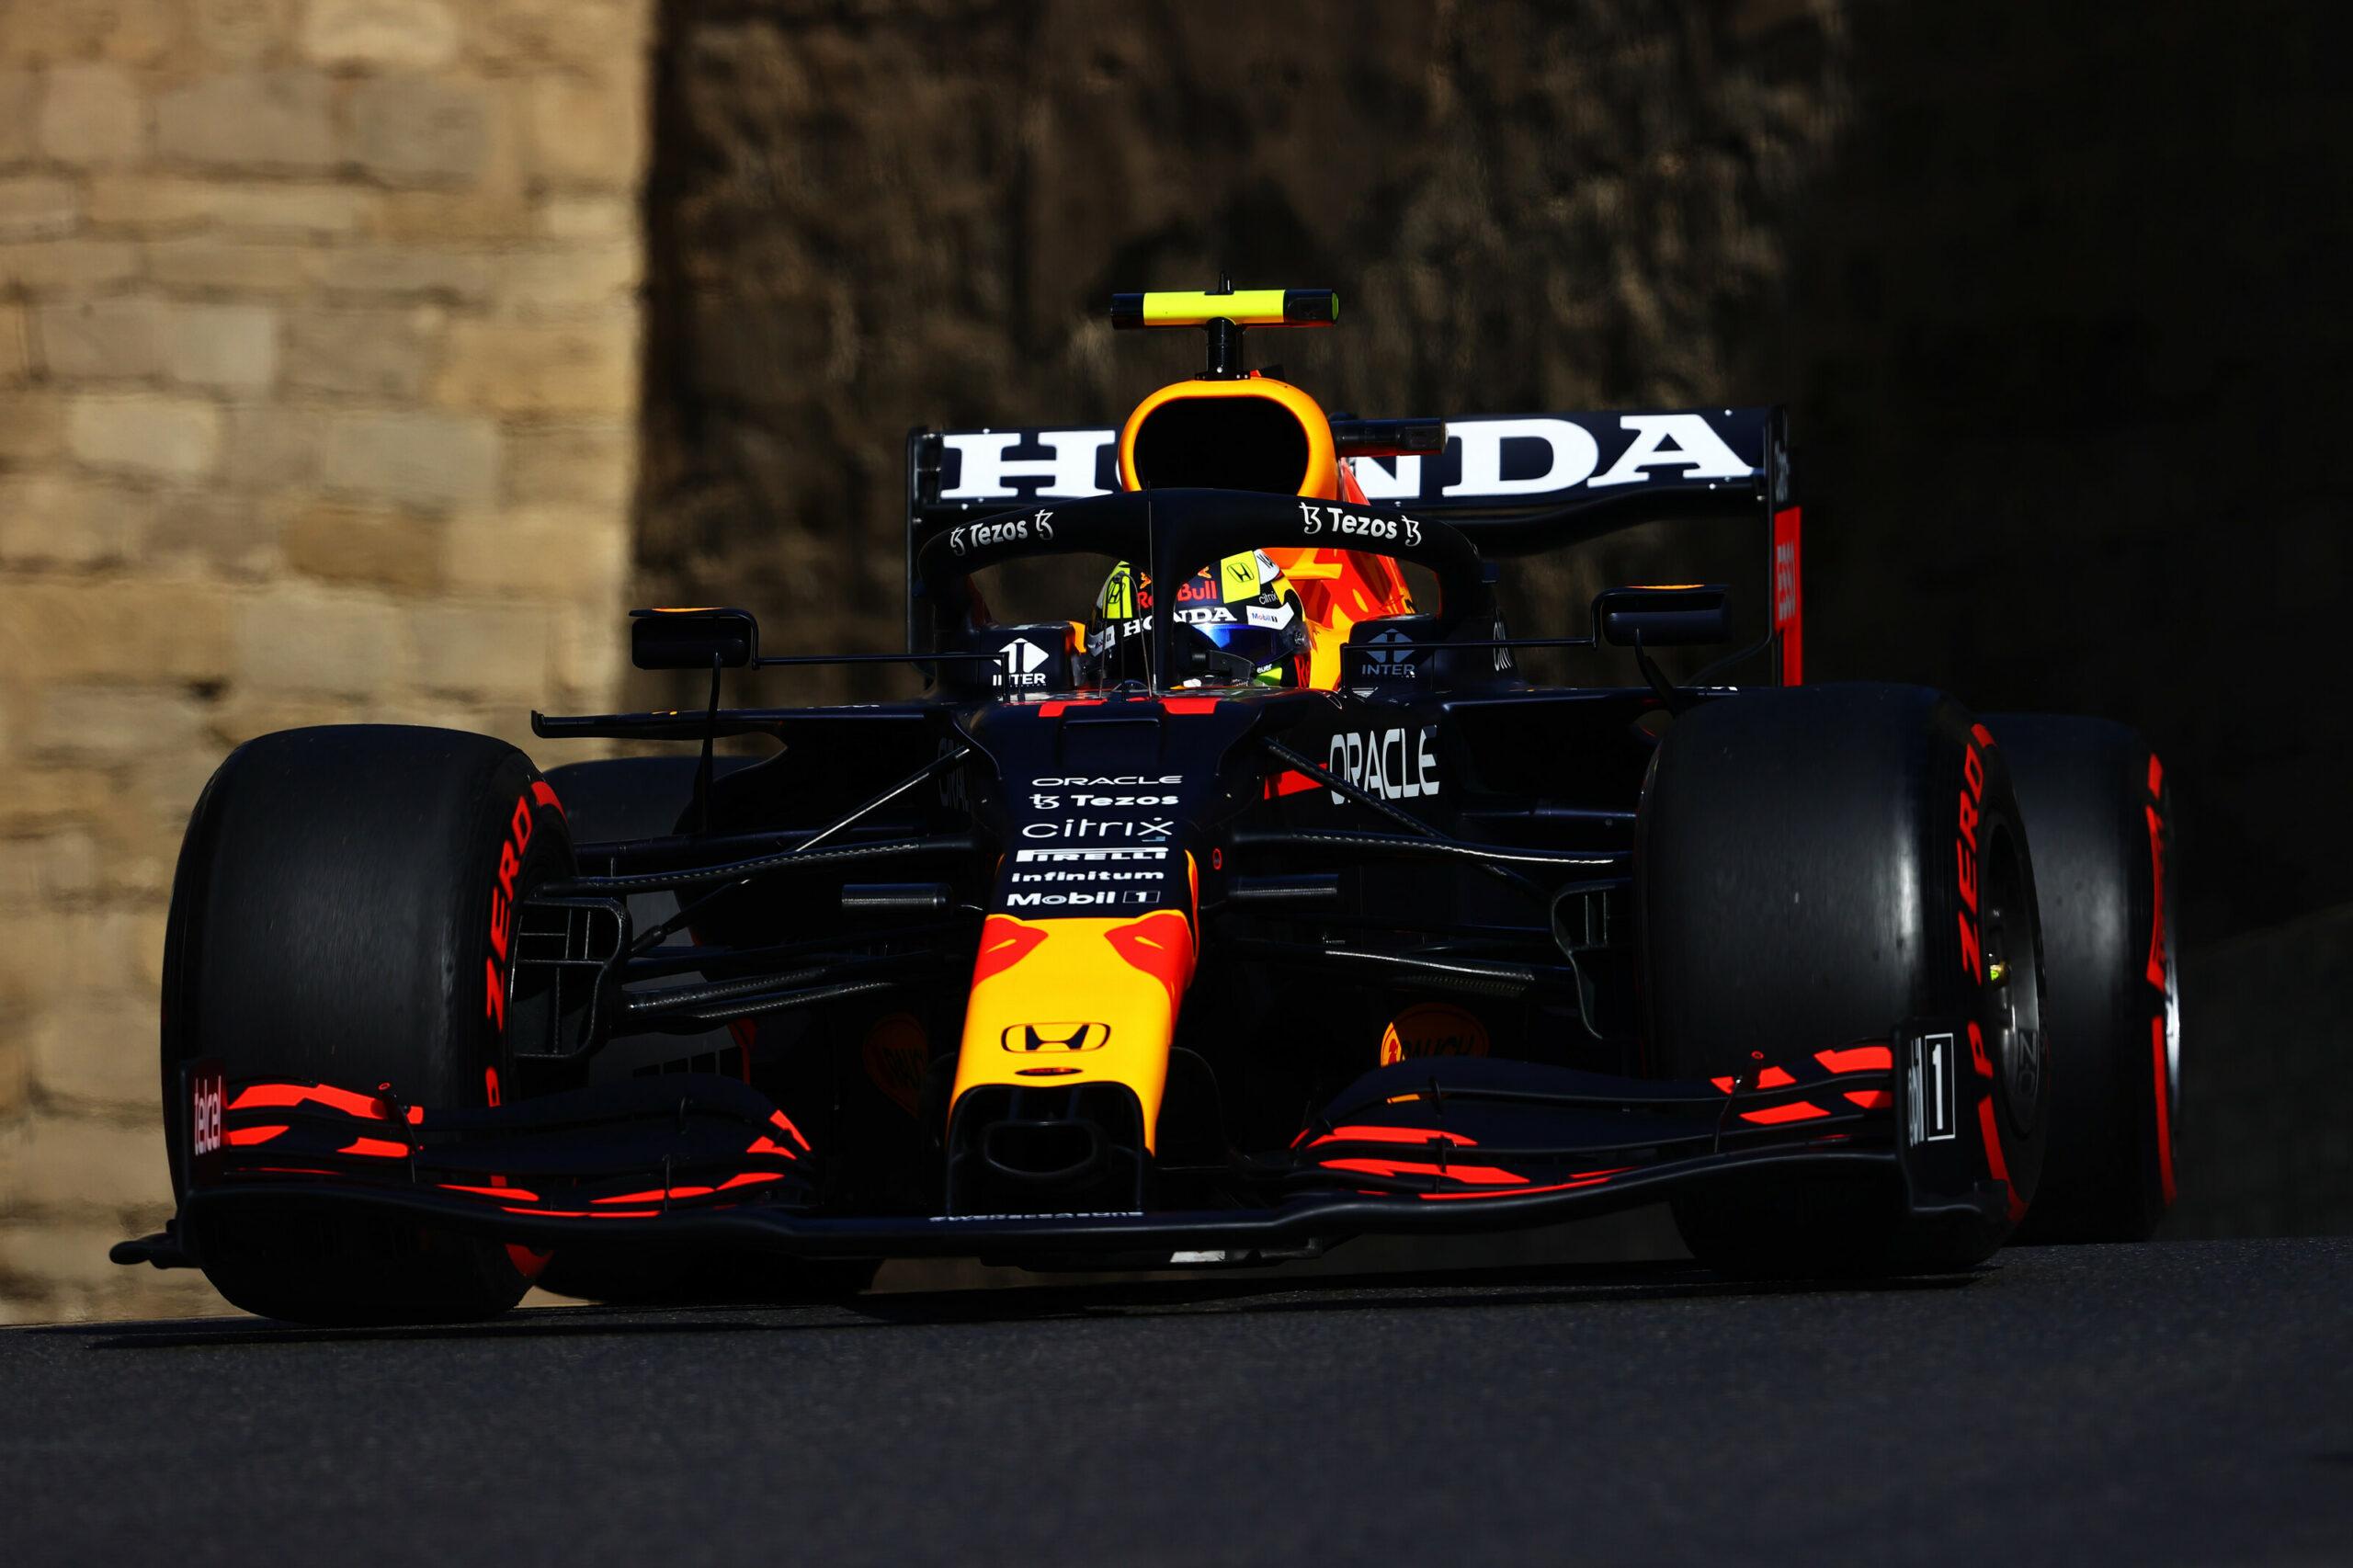 F1 - Après l'annulation de Singapour, Red Bull doit revoir son plan de développement